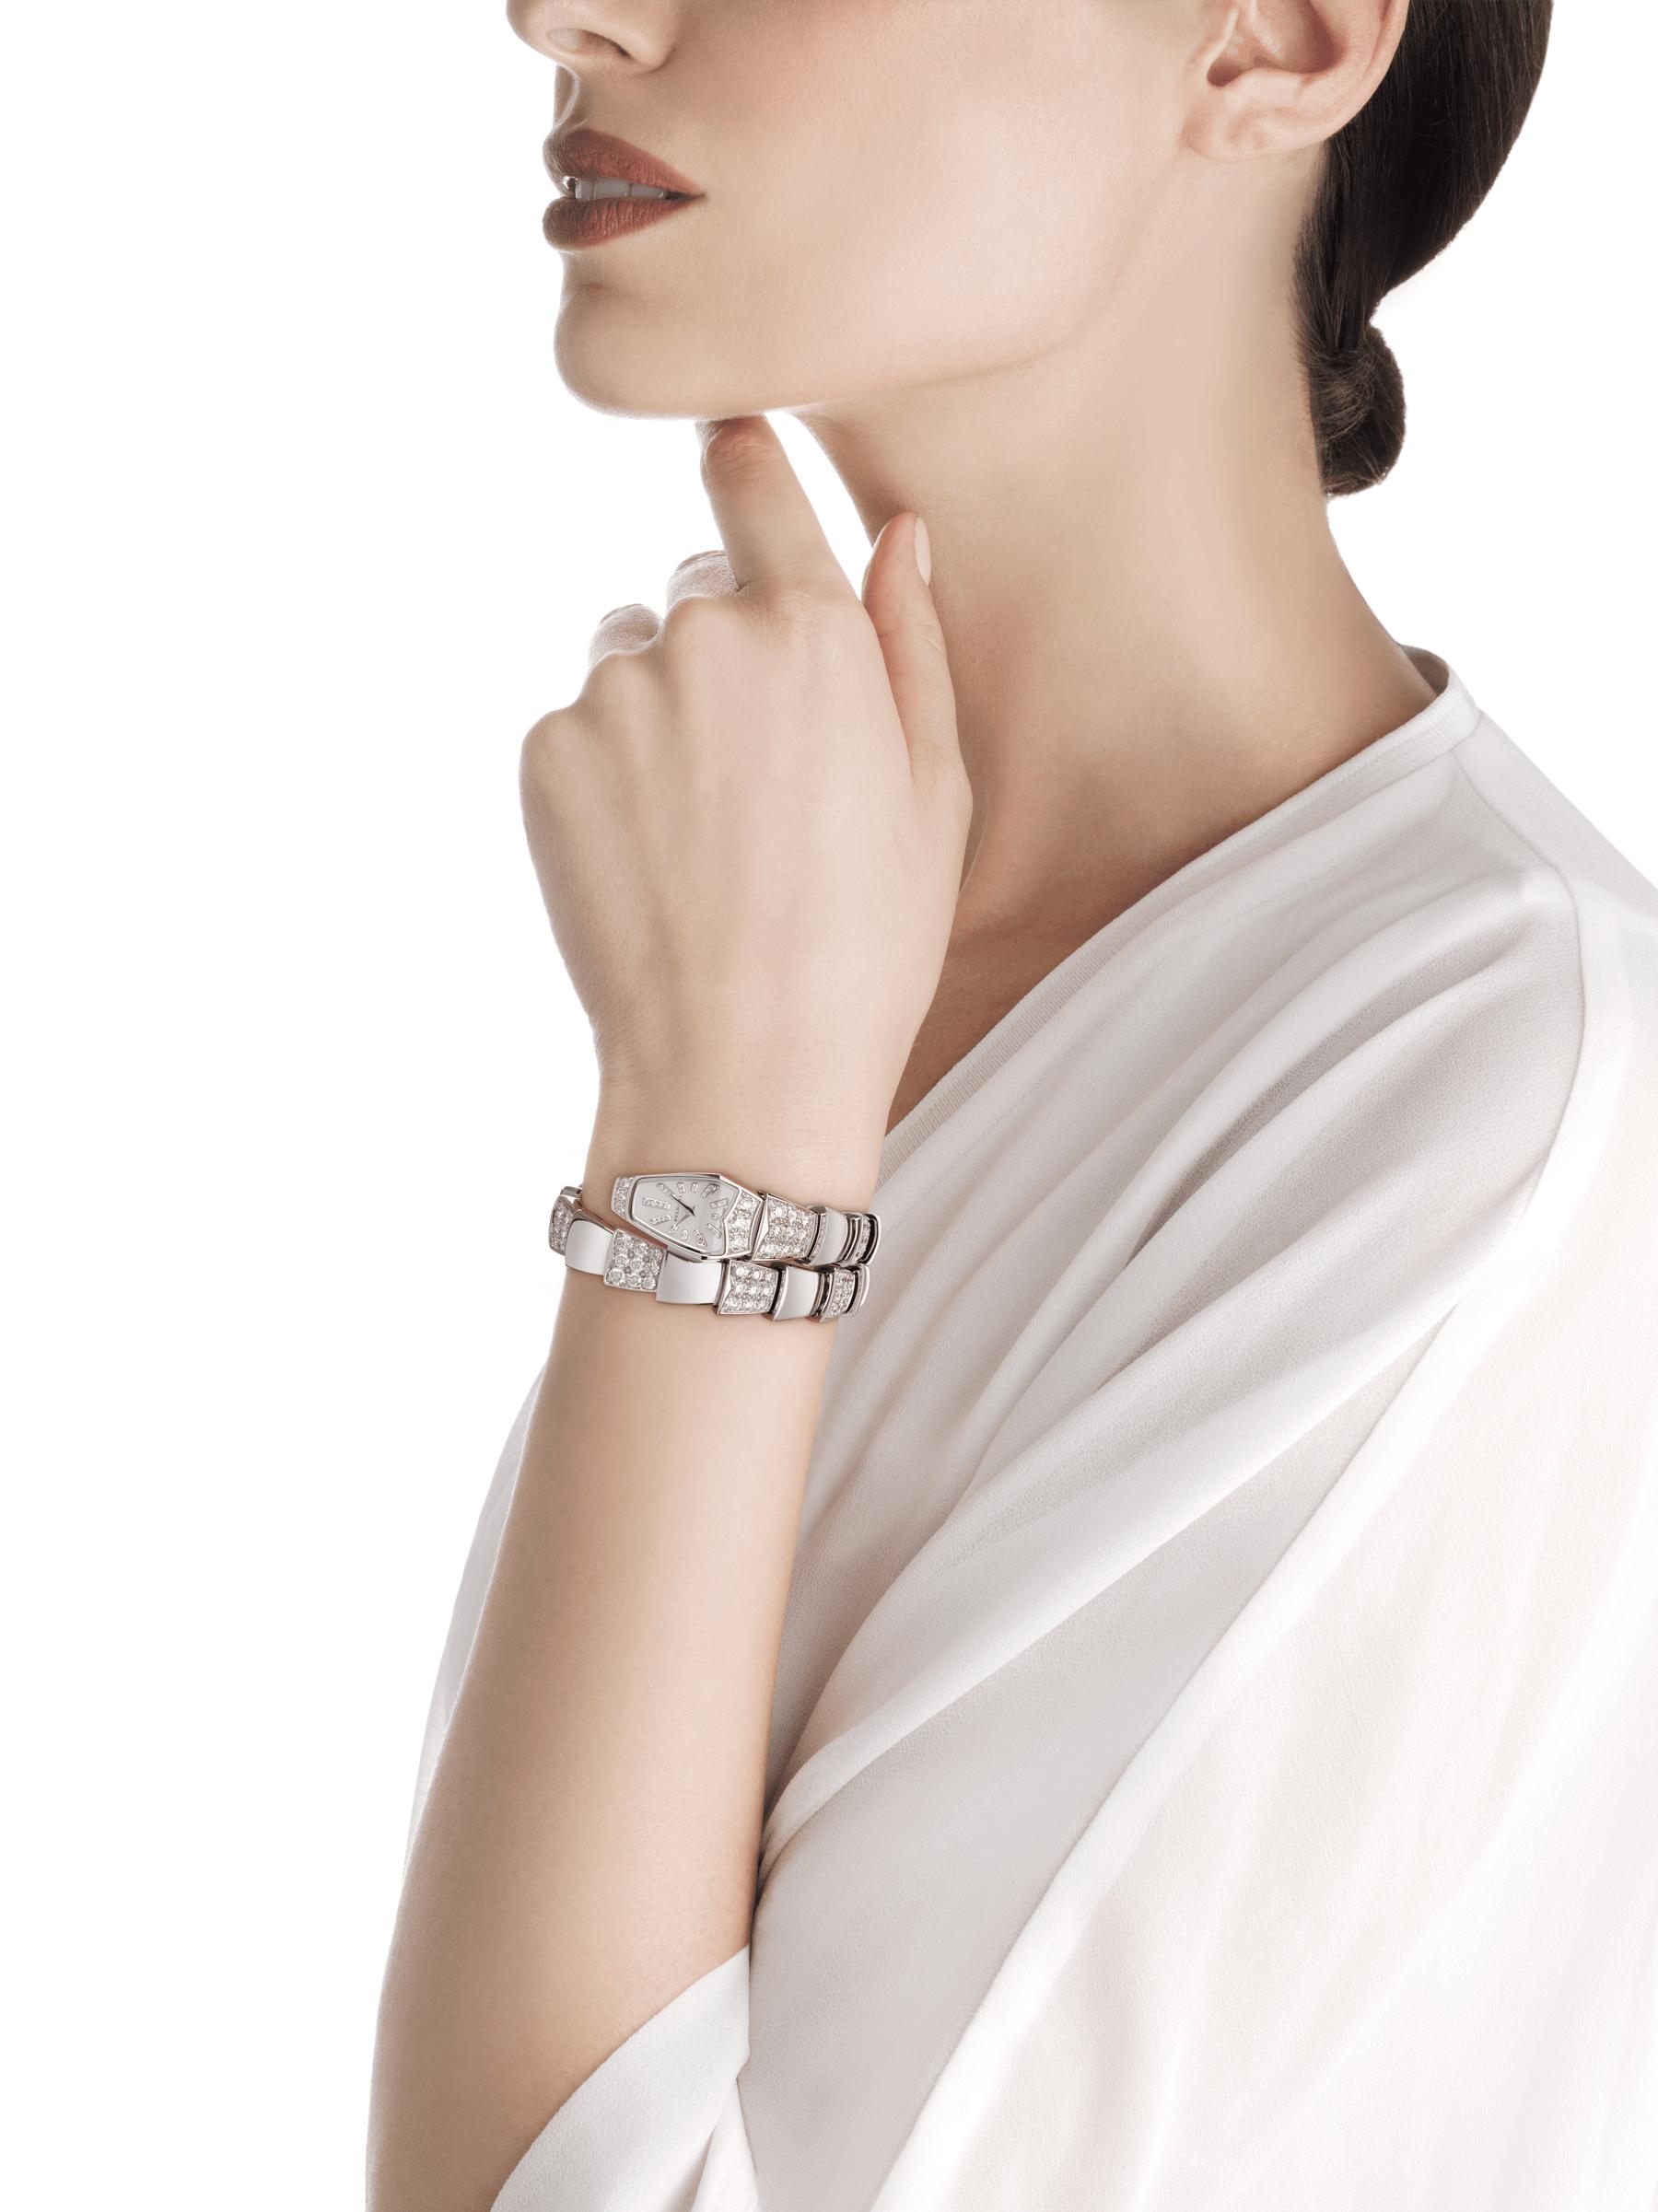 Serpenti Schmuckuhr mit Gehäuse aus 18Karat Weißgold und einfach geschwungenem Armband, beide mit Diamanten im Brillantschliff besetzt, weißes Perlmuttzifferblatt und Diamantindizes. 101787 image 3